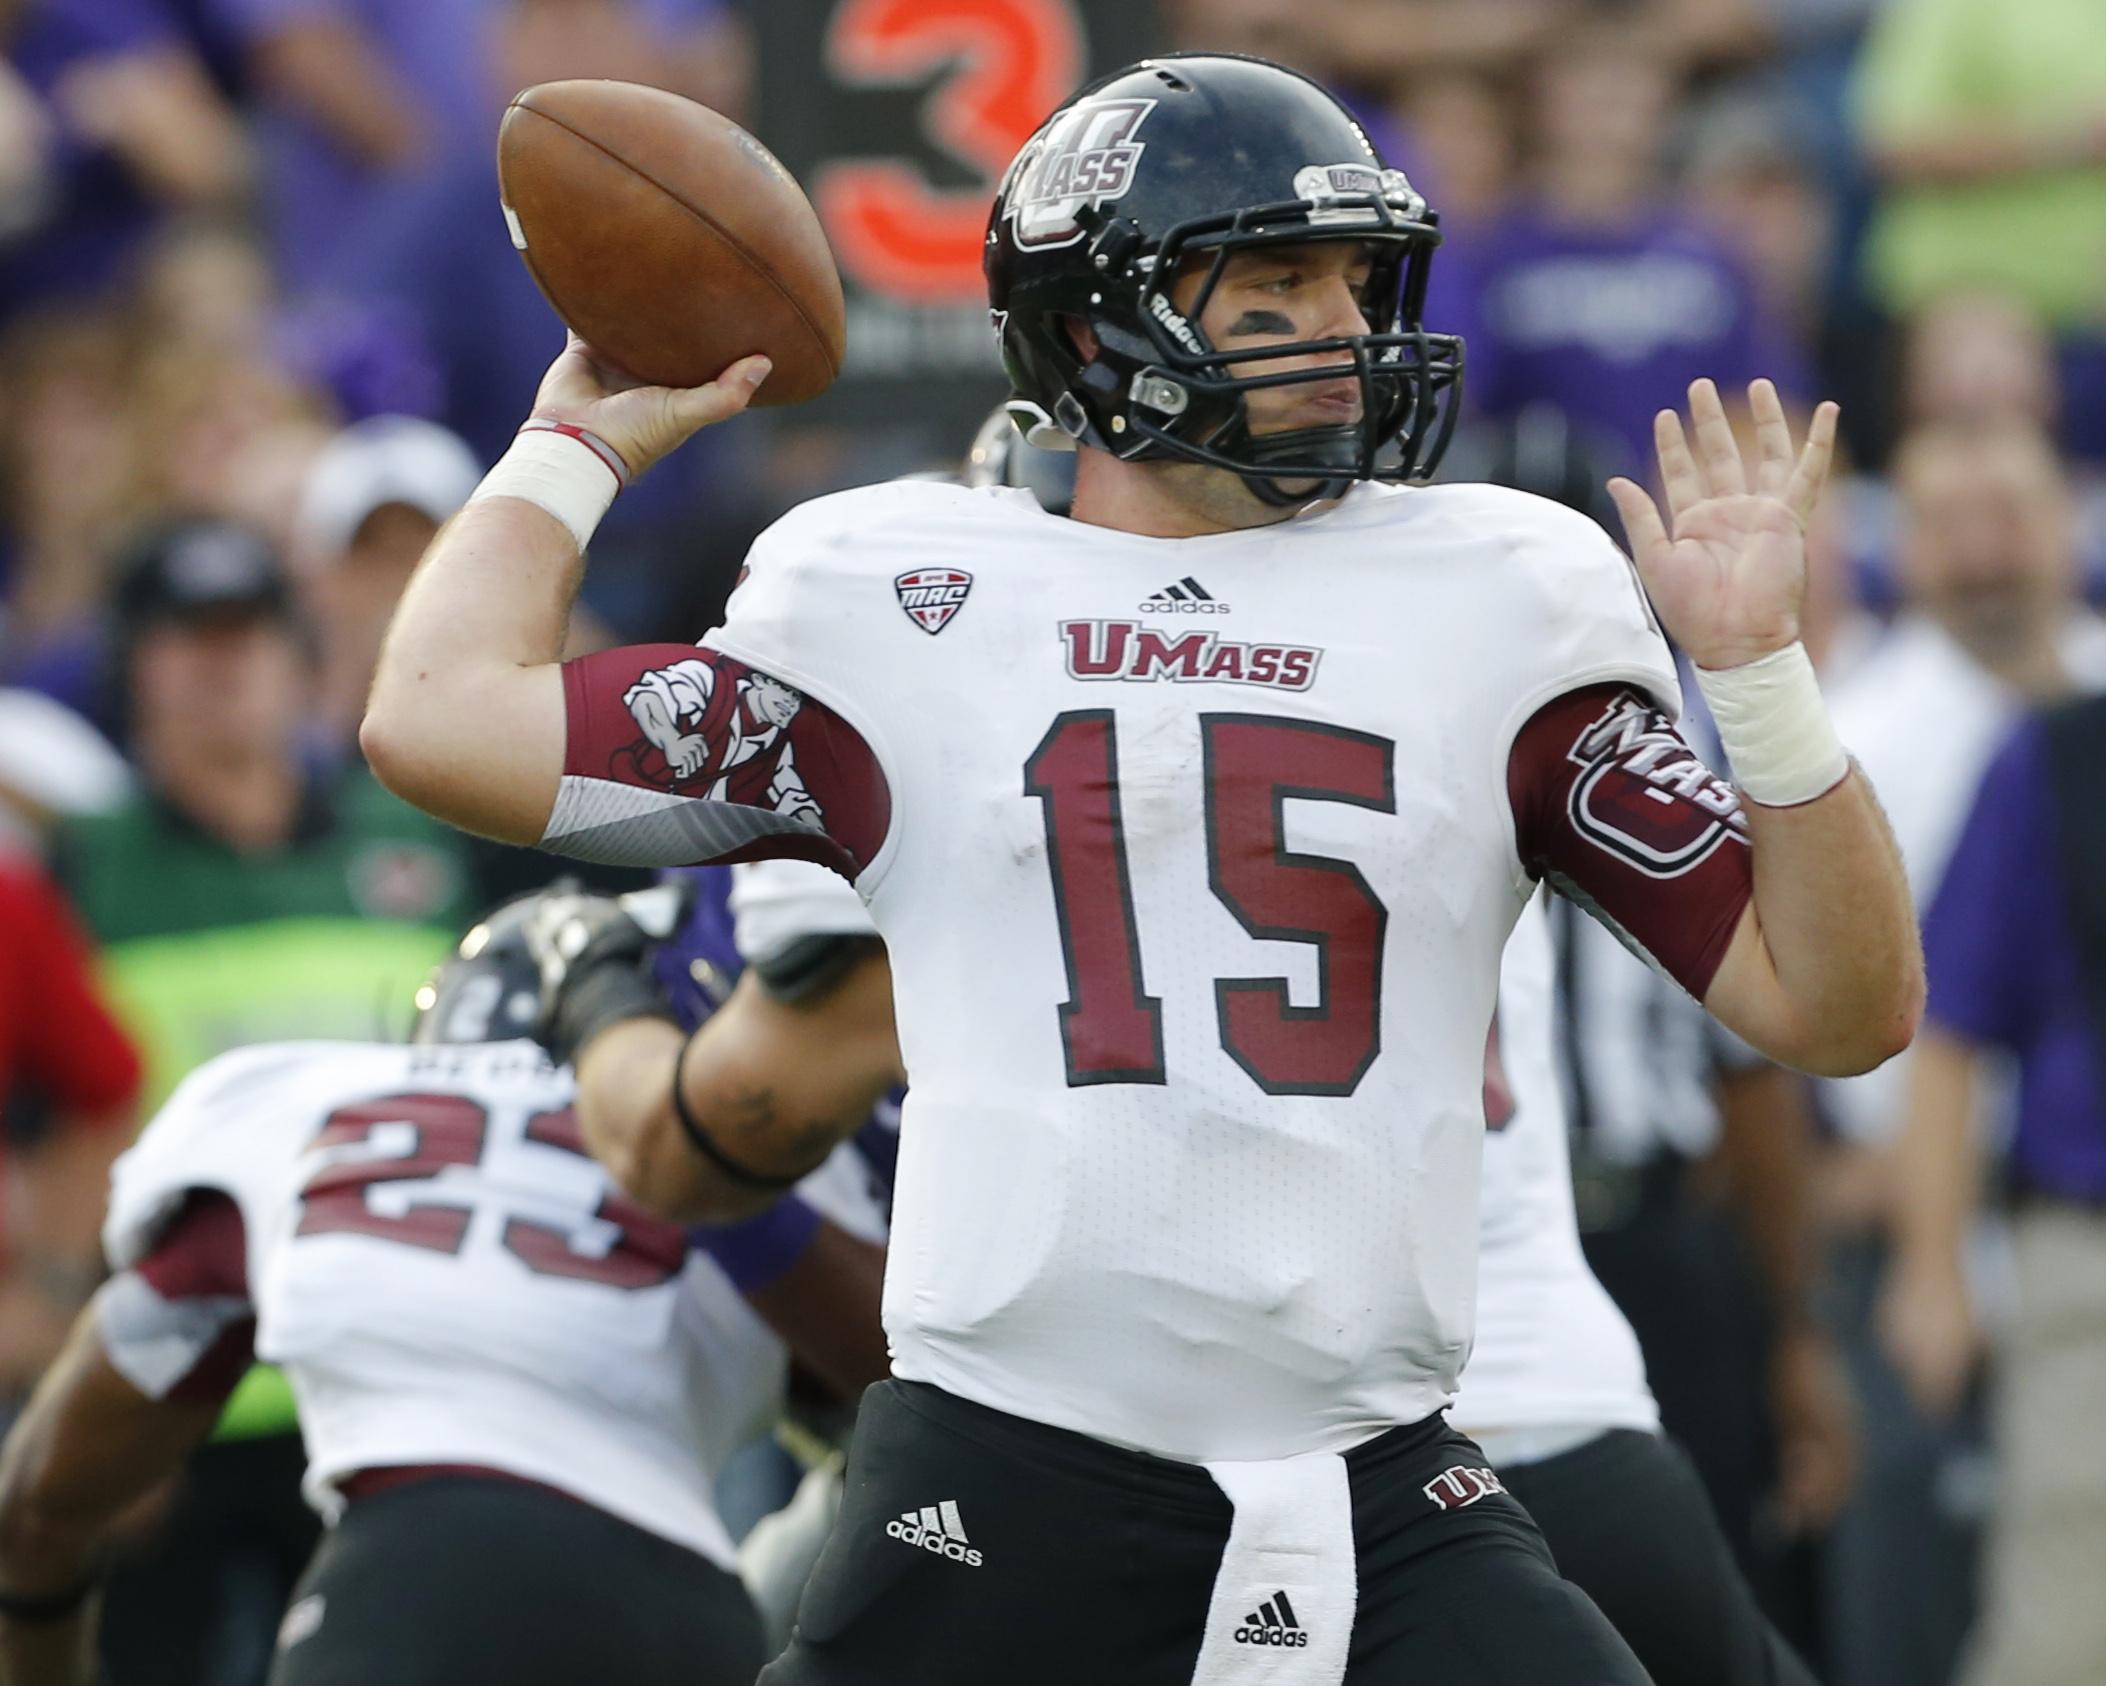 Hubert, Kansas State run over UMass for 37-7 win